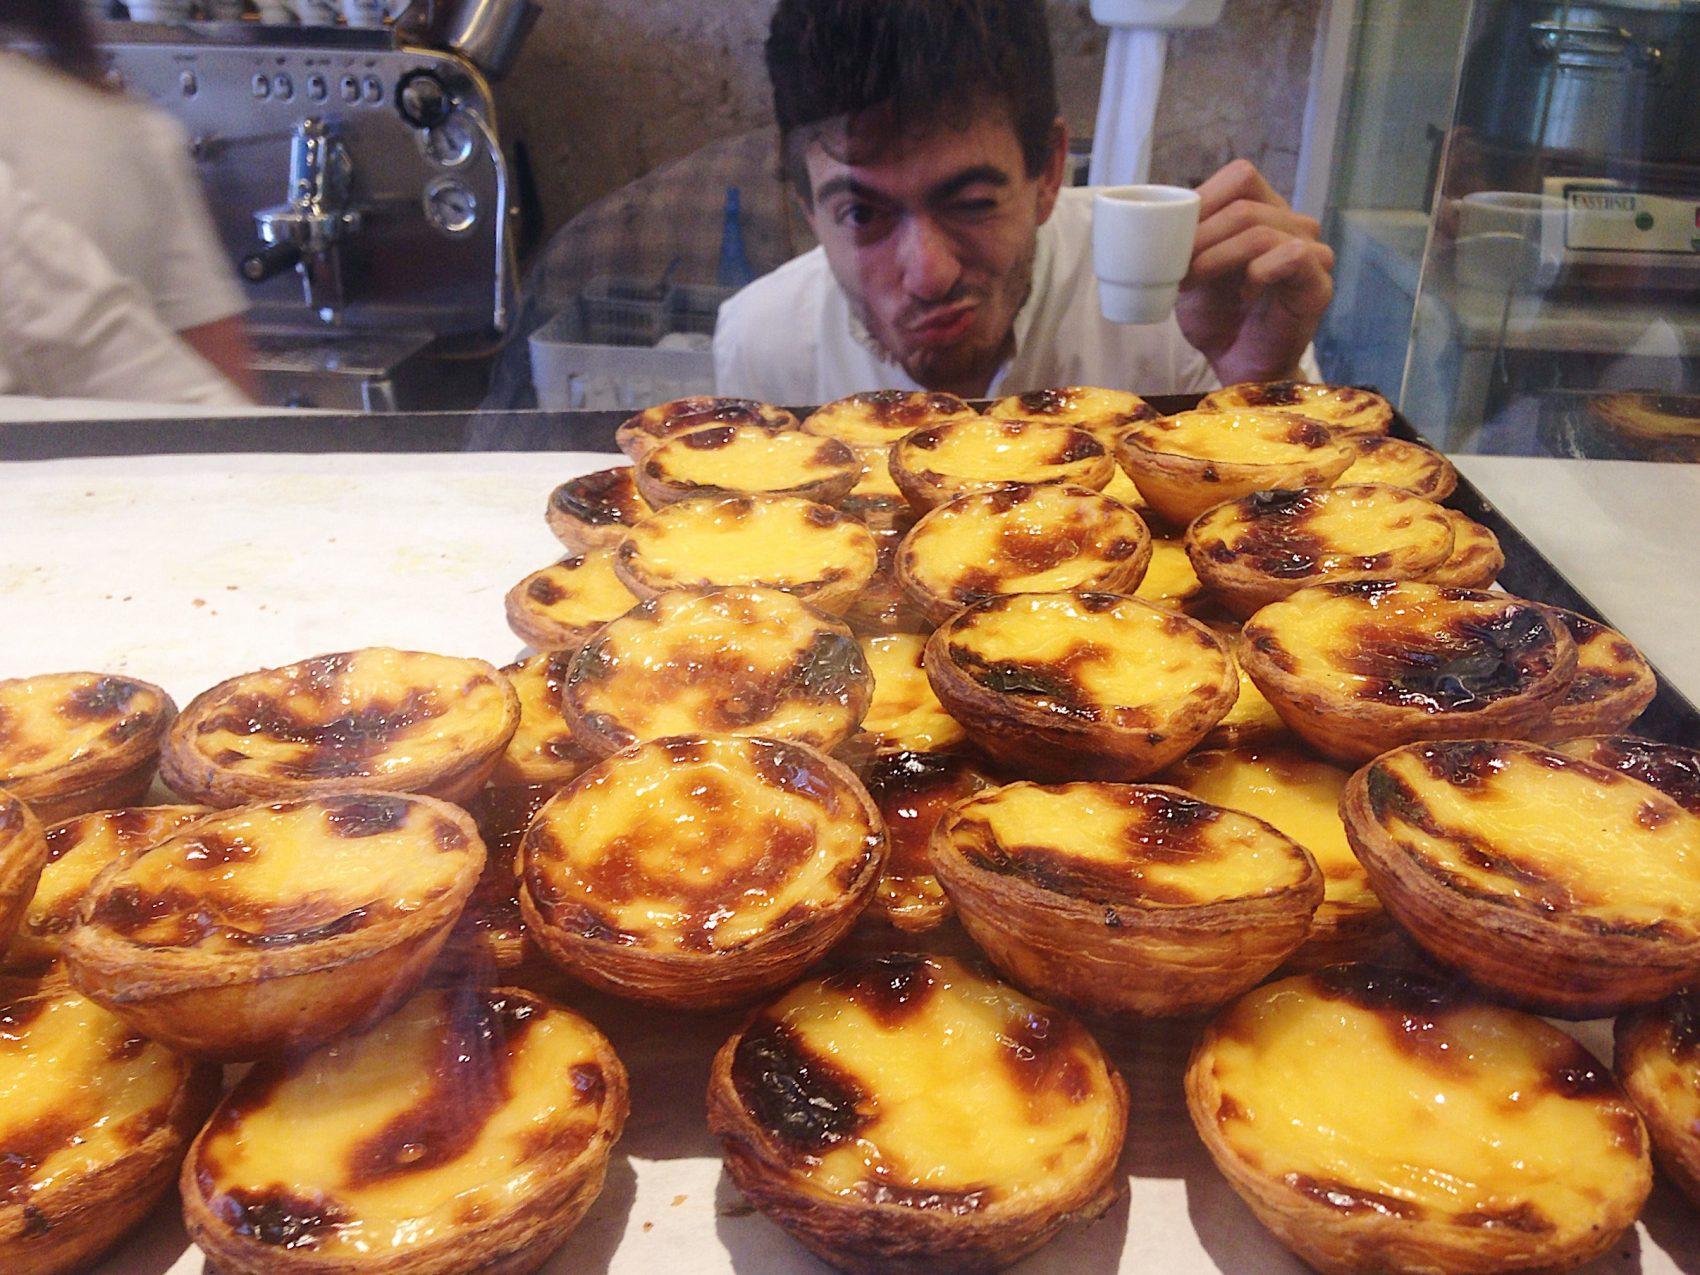 Portugal Wine Travel Guide. Pastel Da Nata pastry